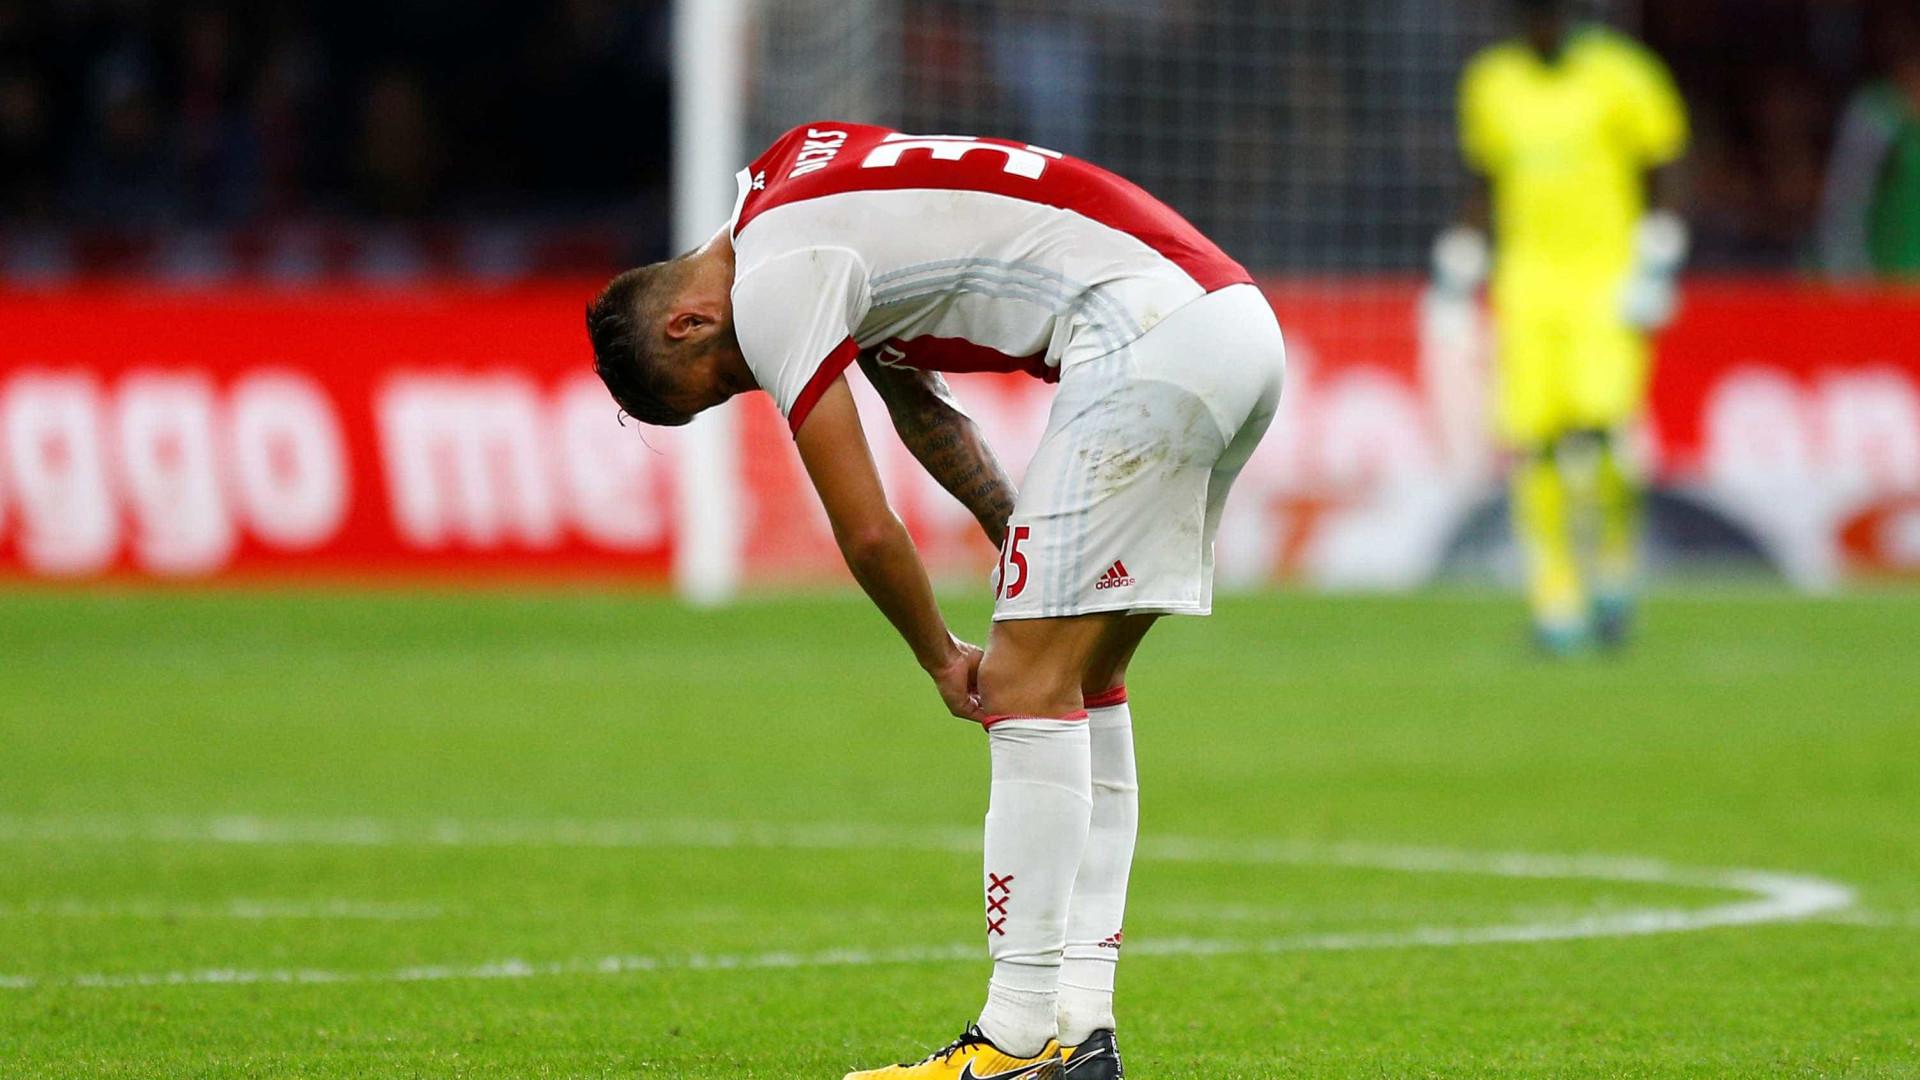 Favoritos, Arsenal e Milan caem em grupos inexpressivos na Liga Europa